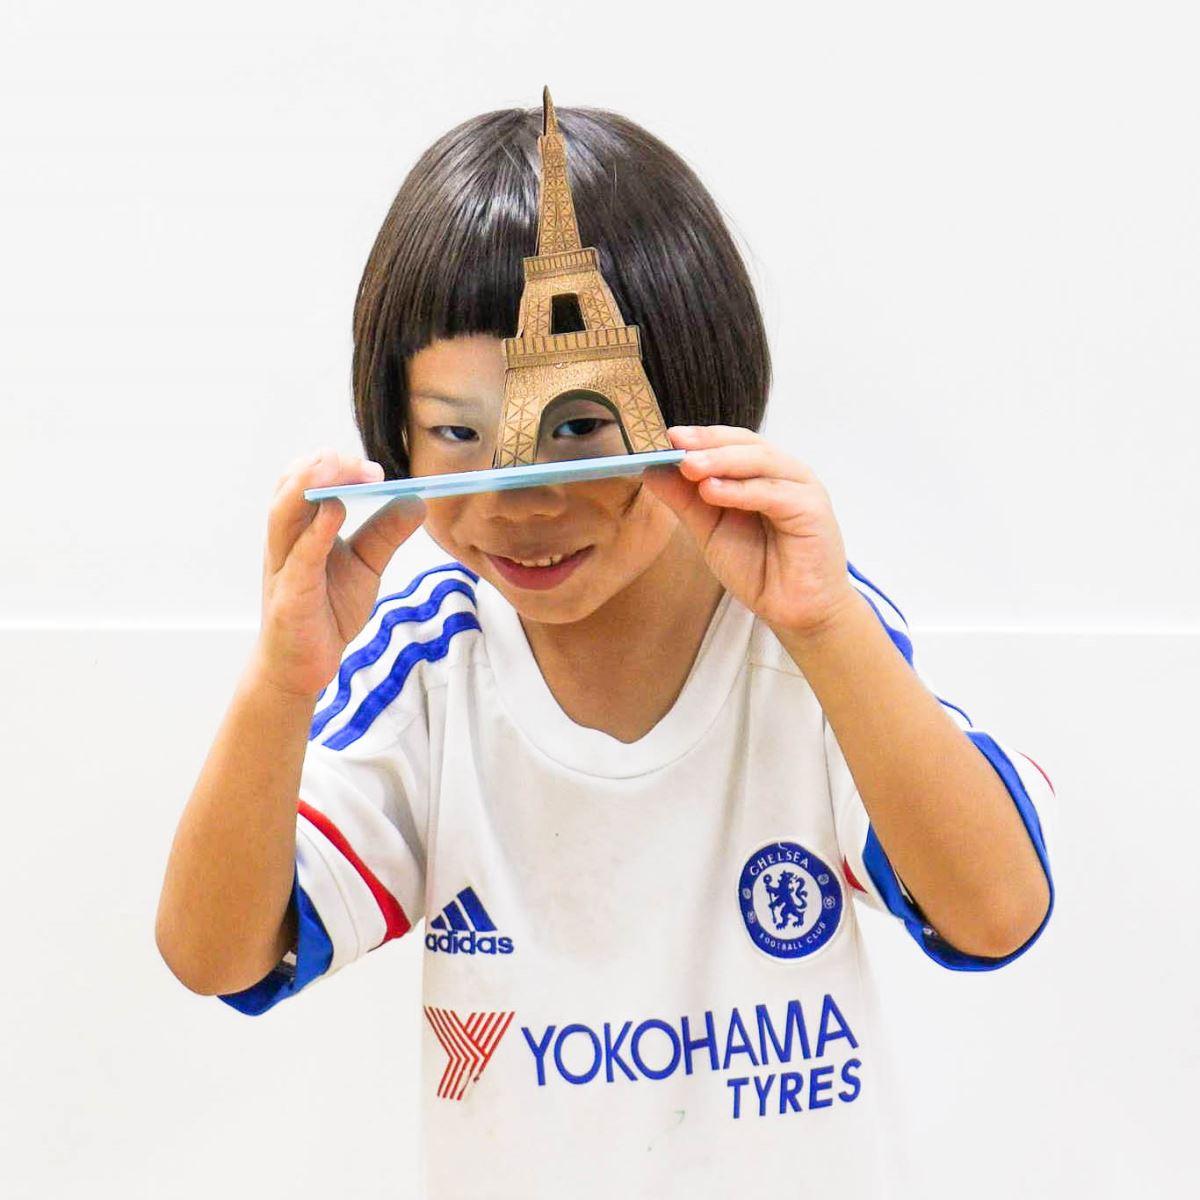 看看巴黎铁塔底下的风景